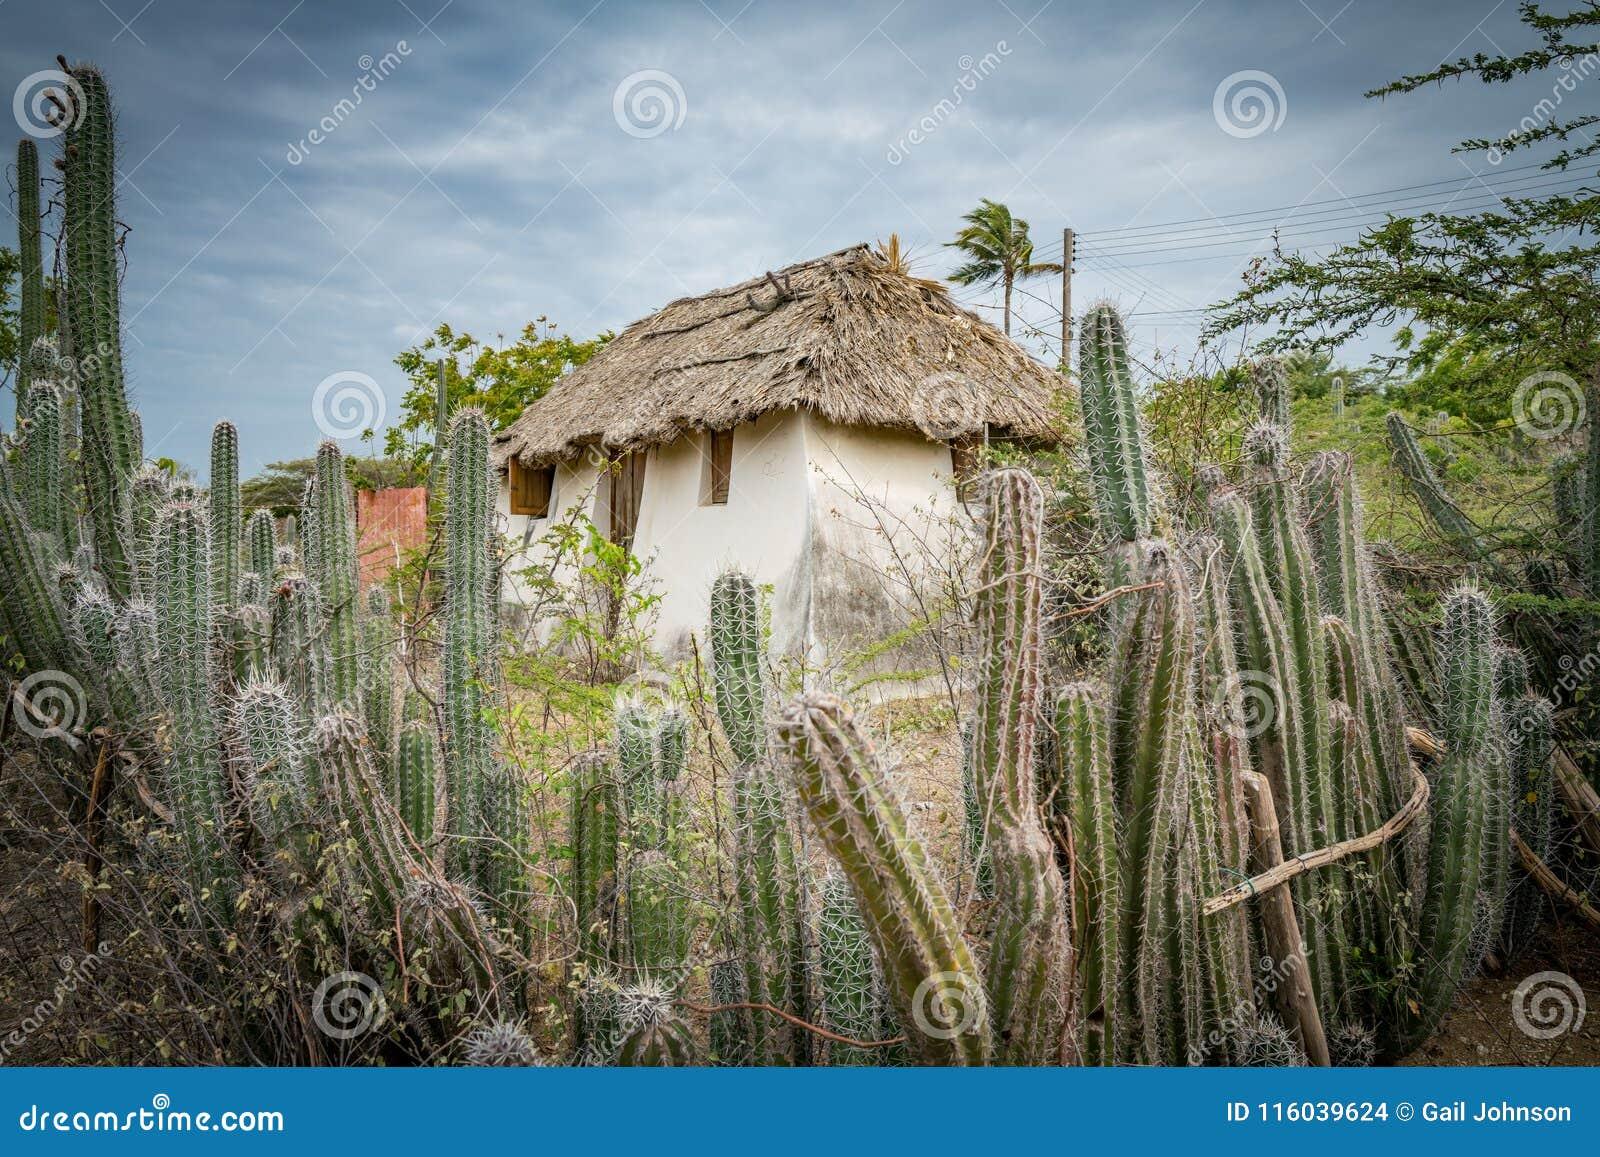 Eine alte Sklavenhütte - Kaktuszaun Curacao Views